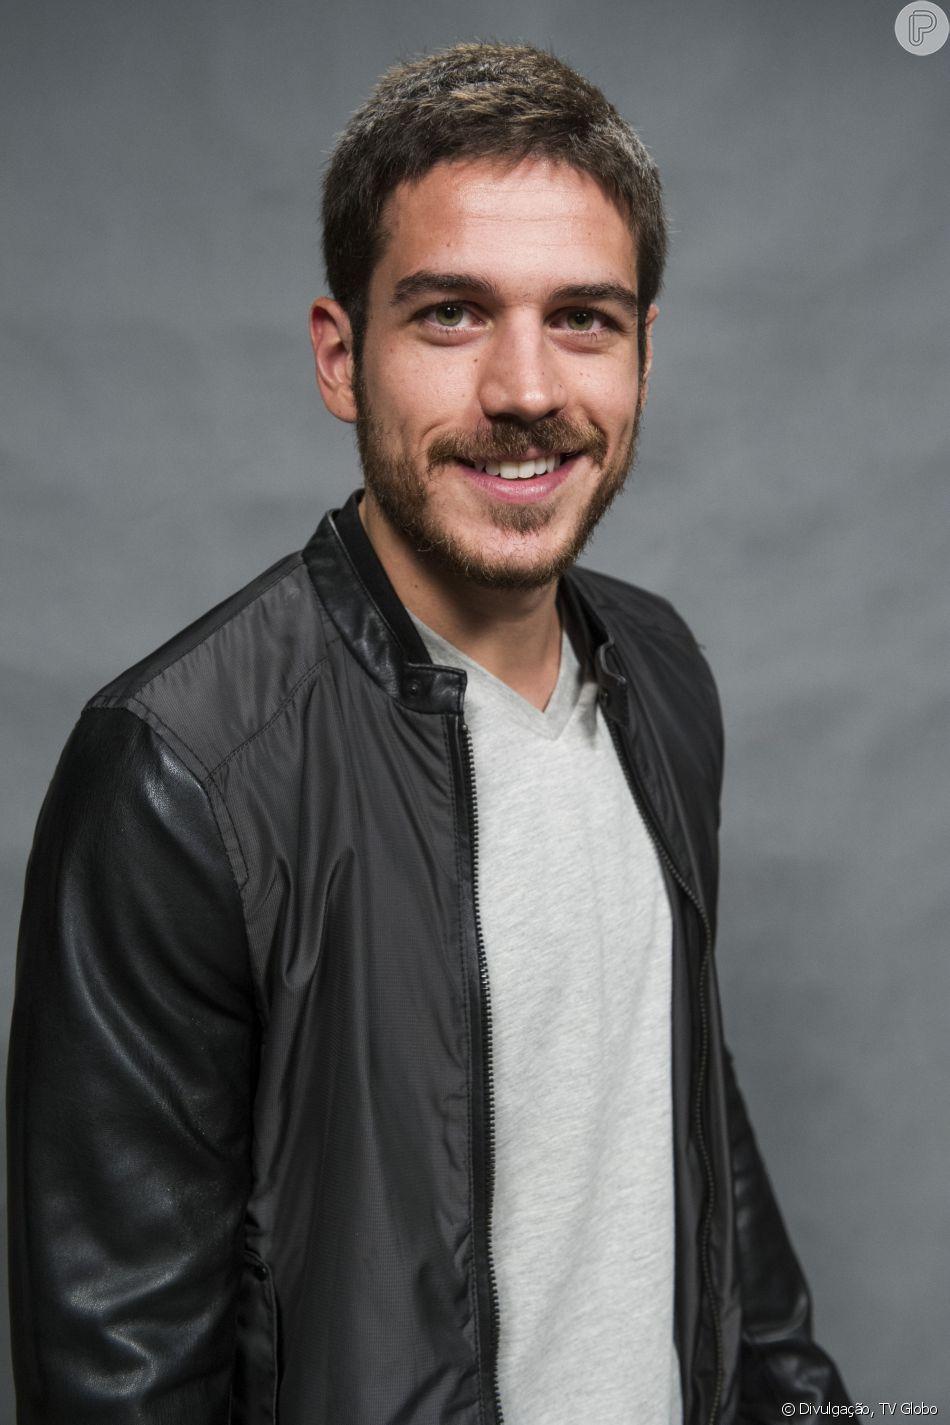 гонщик марко рико фото актер бразилия что список